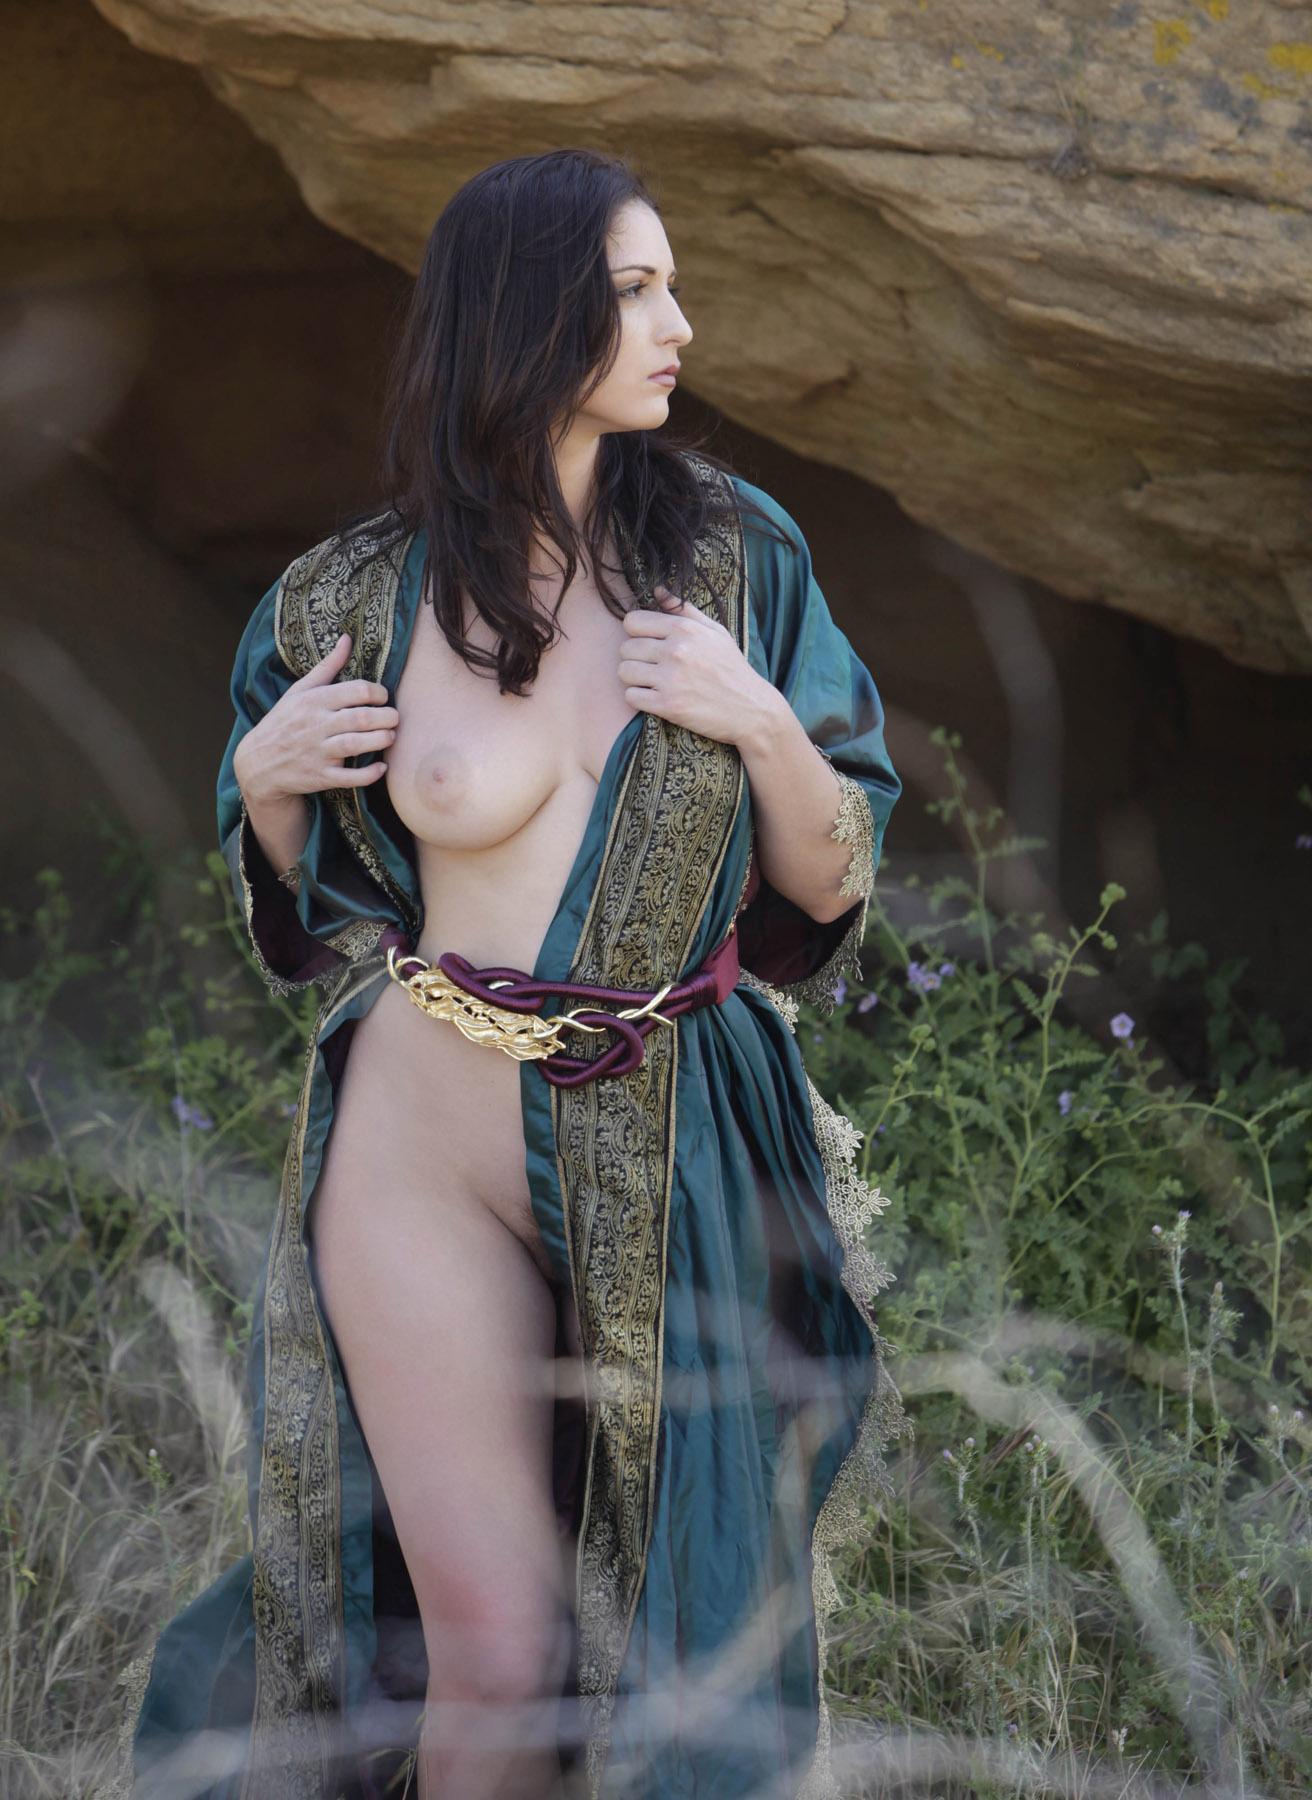 эротика в средневековом стиле фото дают трахать